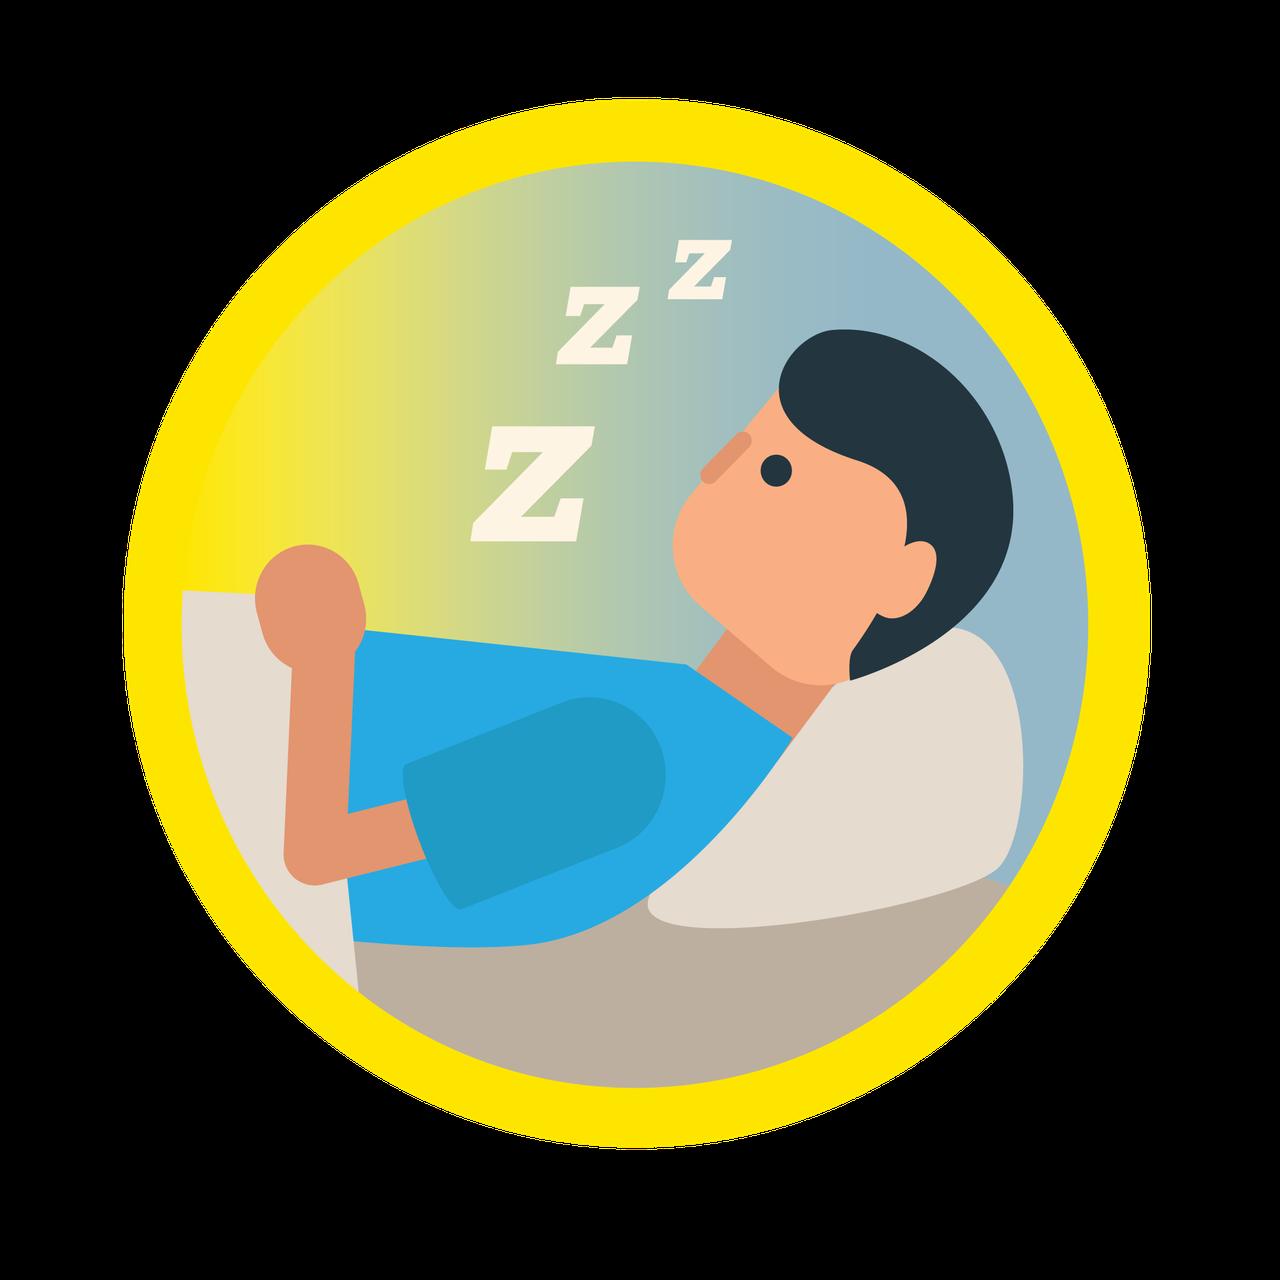 helps sleep better